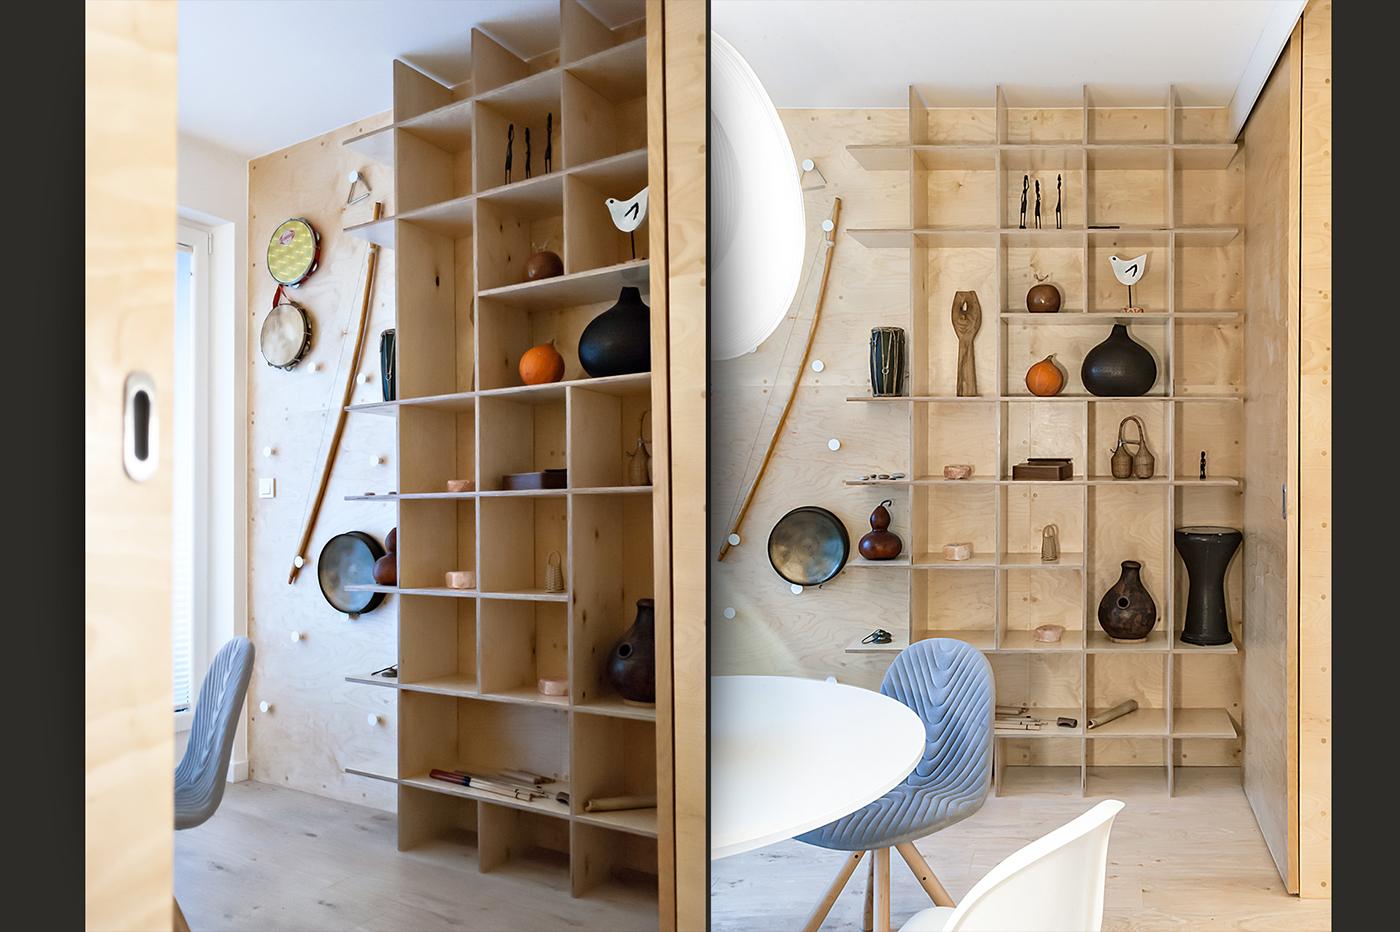 plywood sklejka apartament architekt wnętrz Warszawa Custom furniture unikalne meble projektant wnętrz